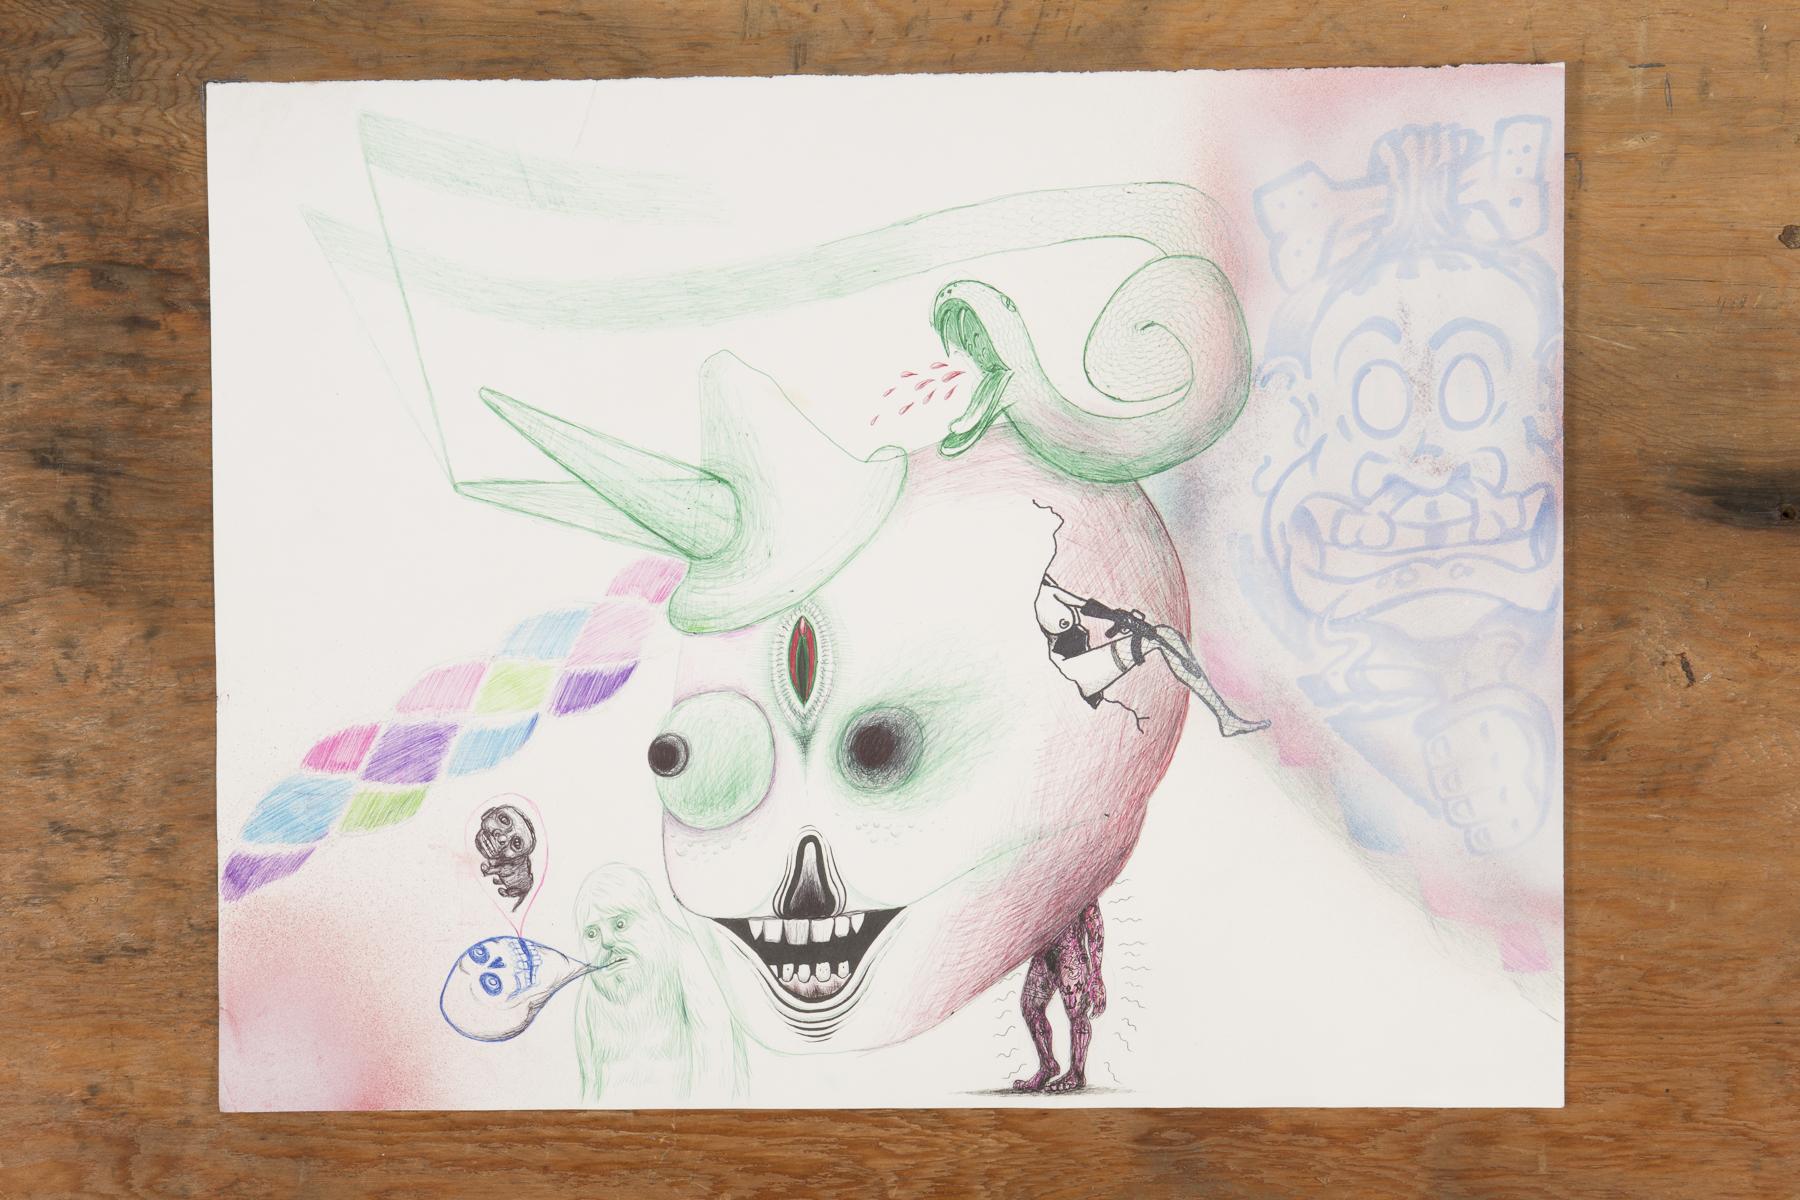 Paintallica_Drawings_047.jpg